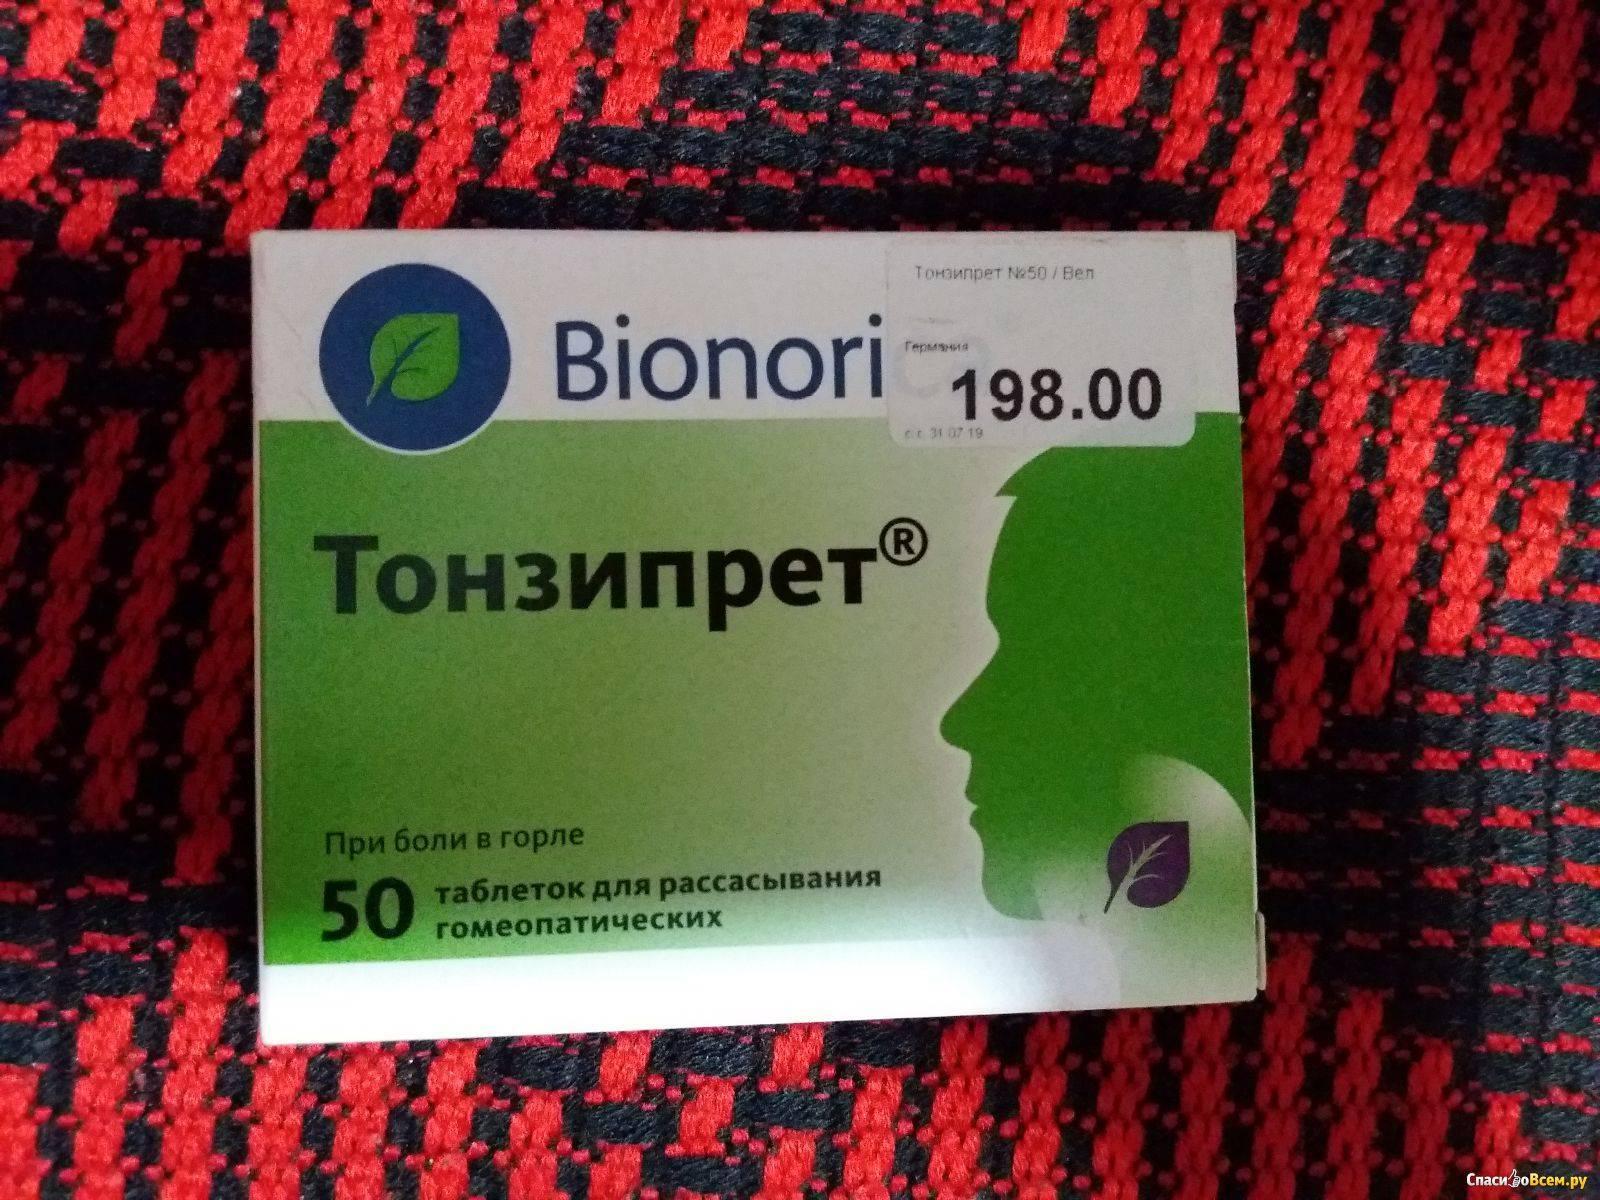 Таблетки для рассасывания для горла, 8 лучших препаратов – обзор